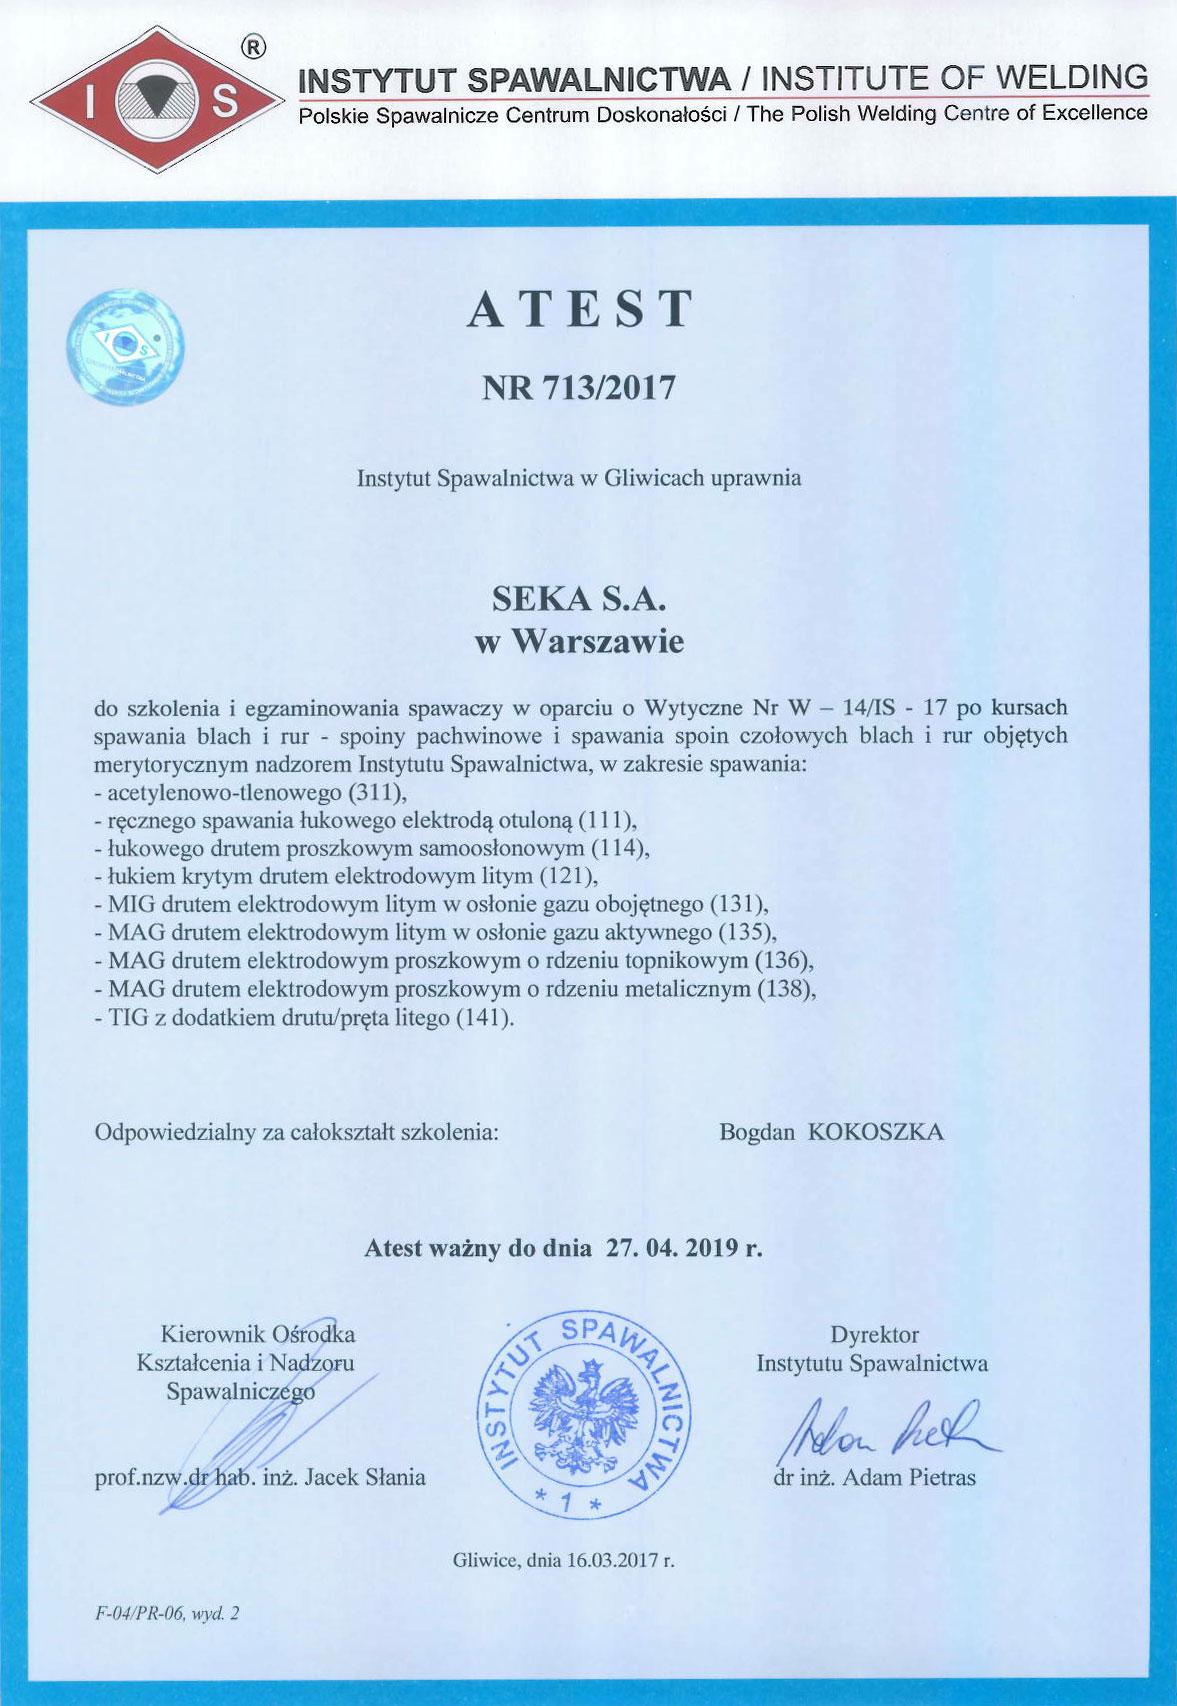 ATEST-INSTYTUTU-SPAWALNICTWA-SEKA-SA-kursy-spawania_warszawa_spawacz_spawalnictwo_szkolenia